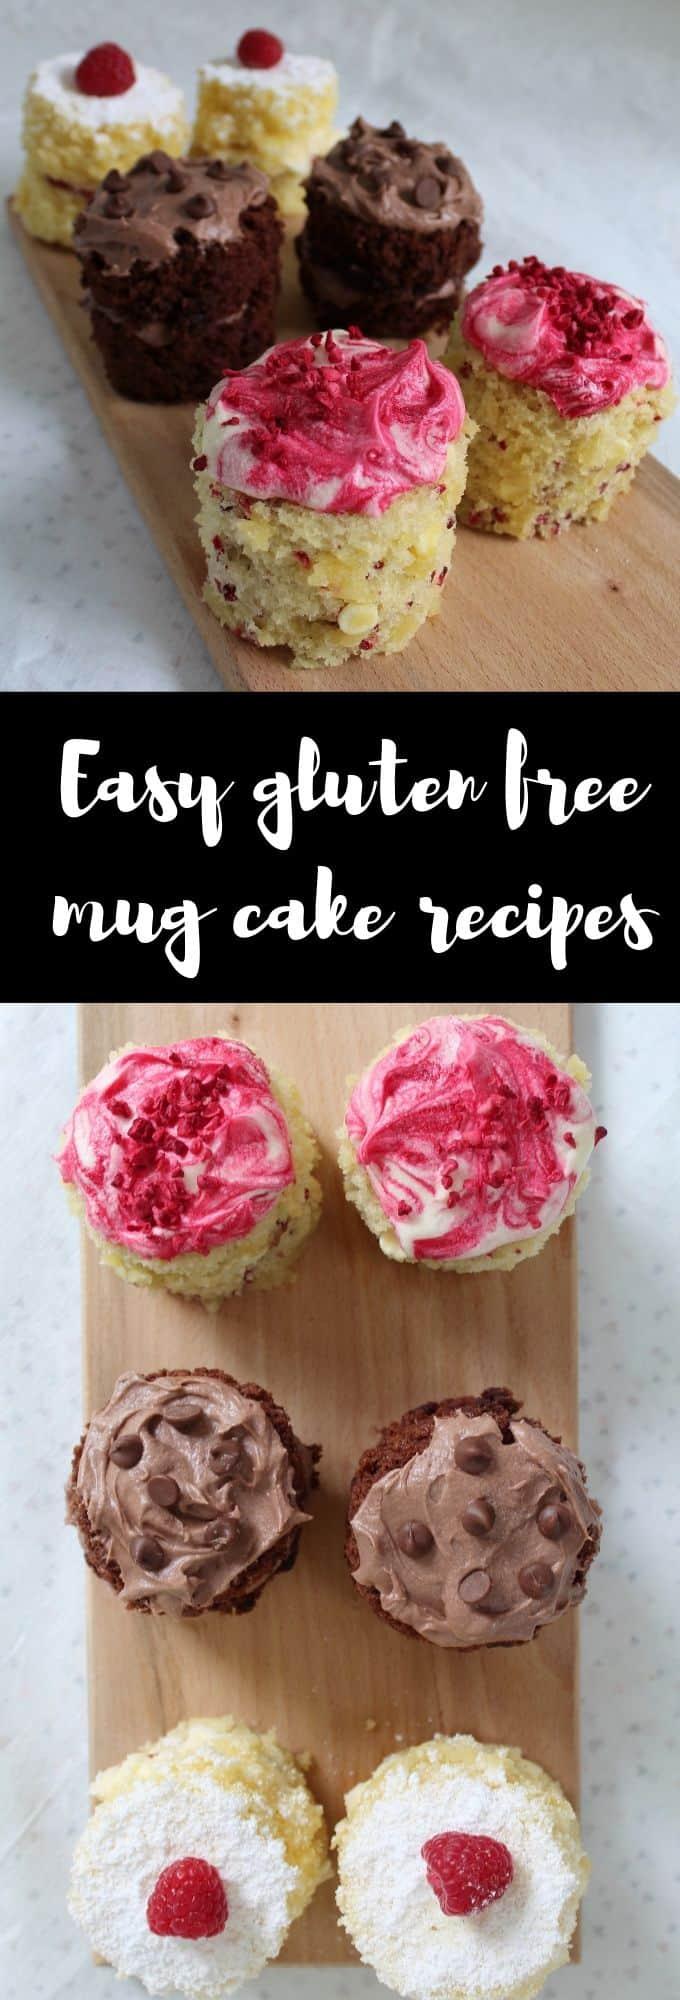 gluten free mug cake recipes - easy mug cake - coeliac friendly dairy free mug cake recipe